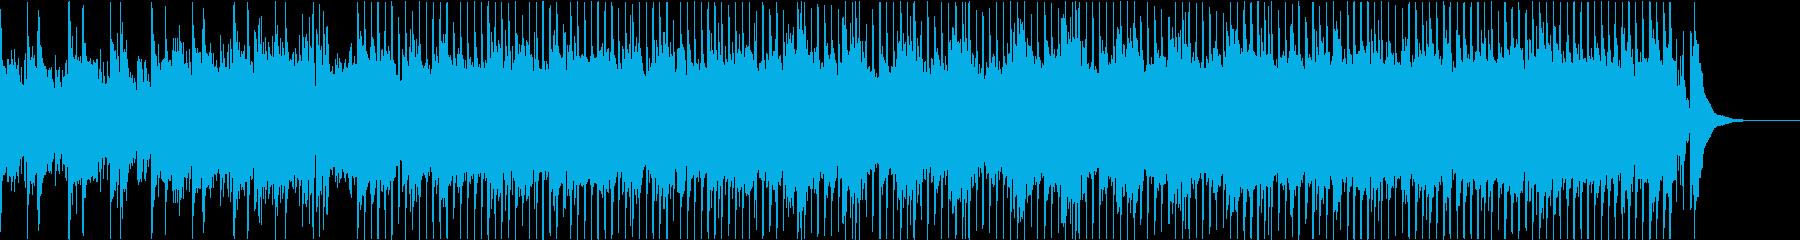 疾走感のあるアップテンポの和風ポップスの再生済みの波形